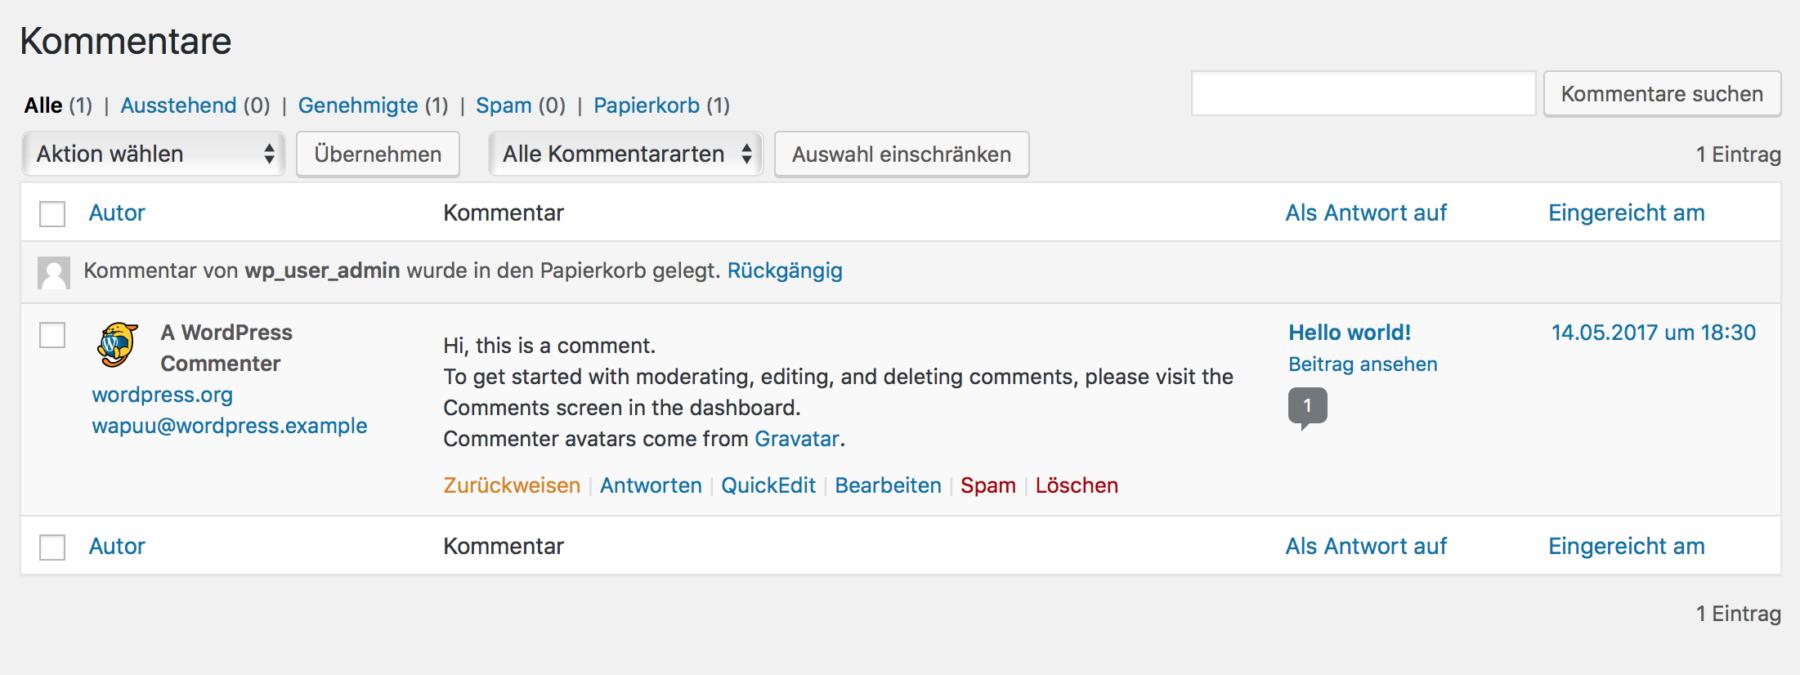 WordPress Kommentare zur Vernetzung von Nutzern und Webseiten Betreiber